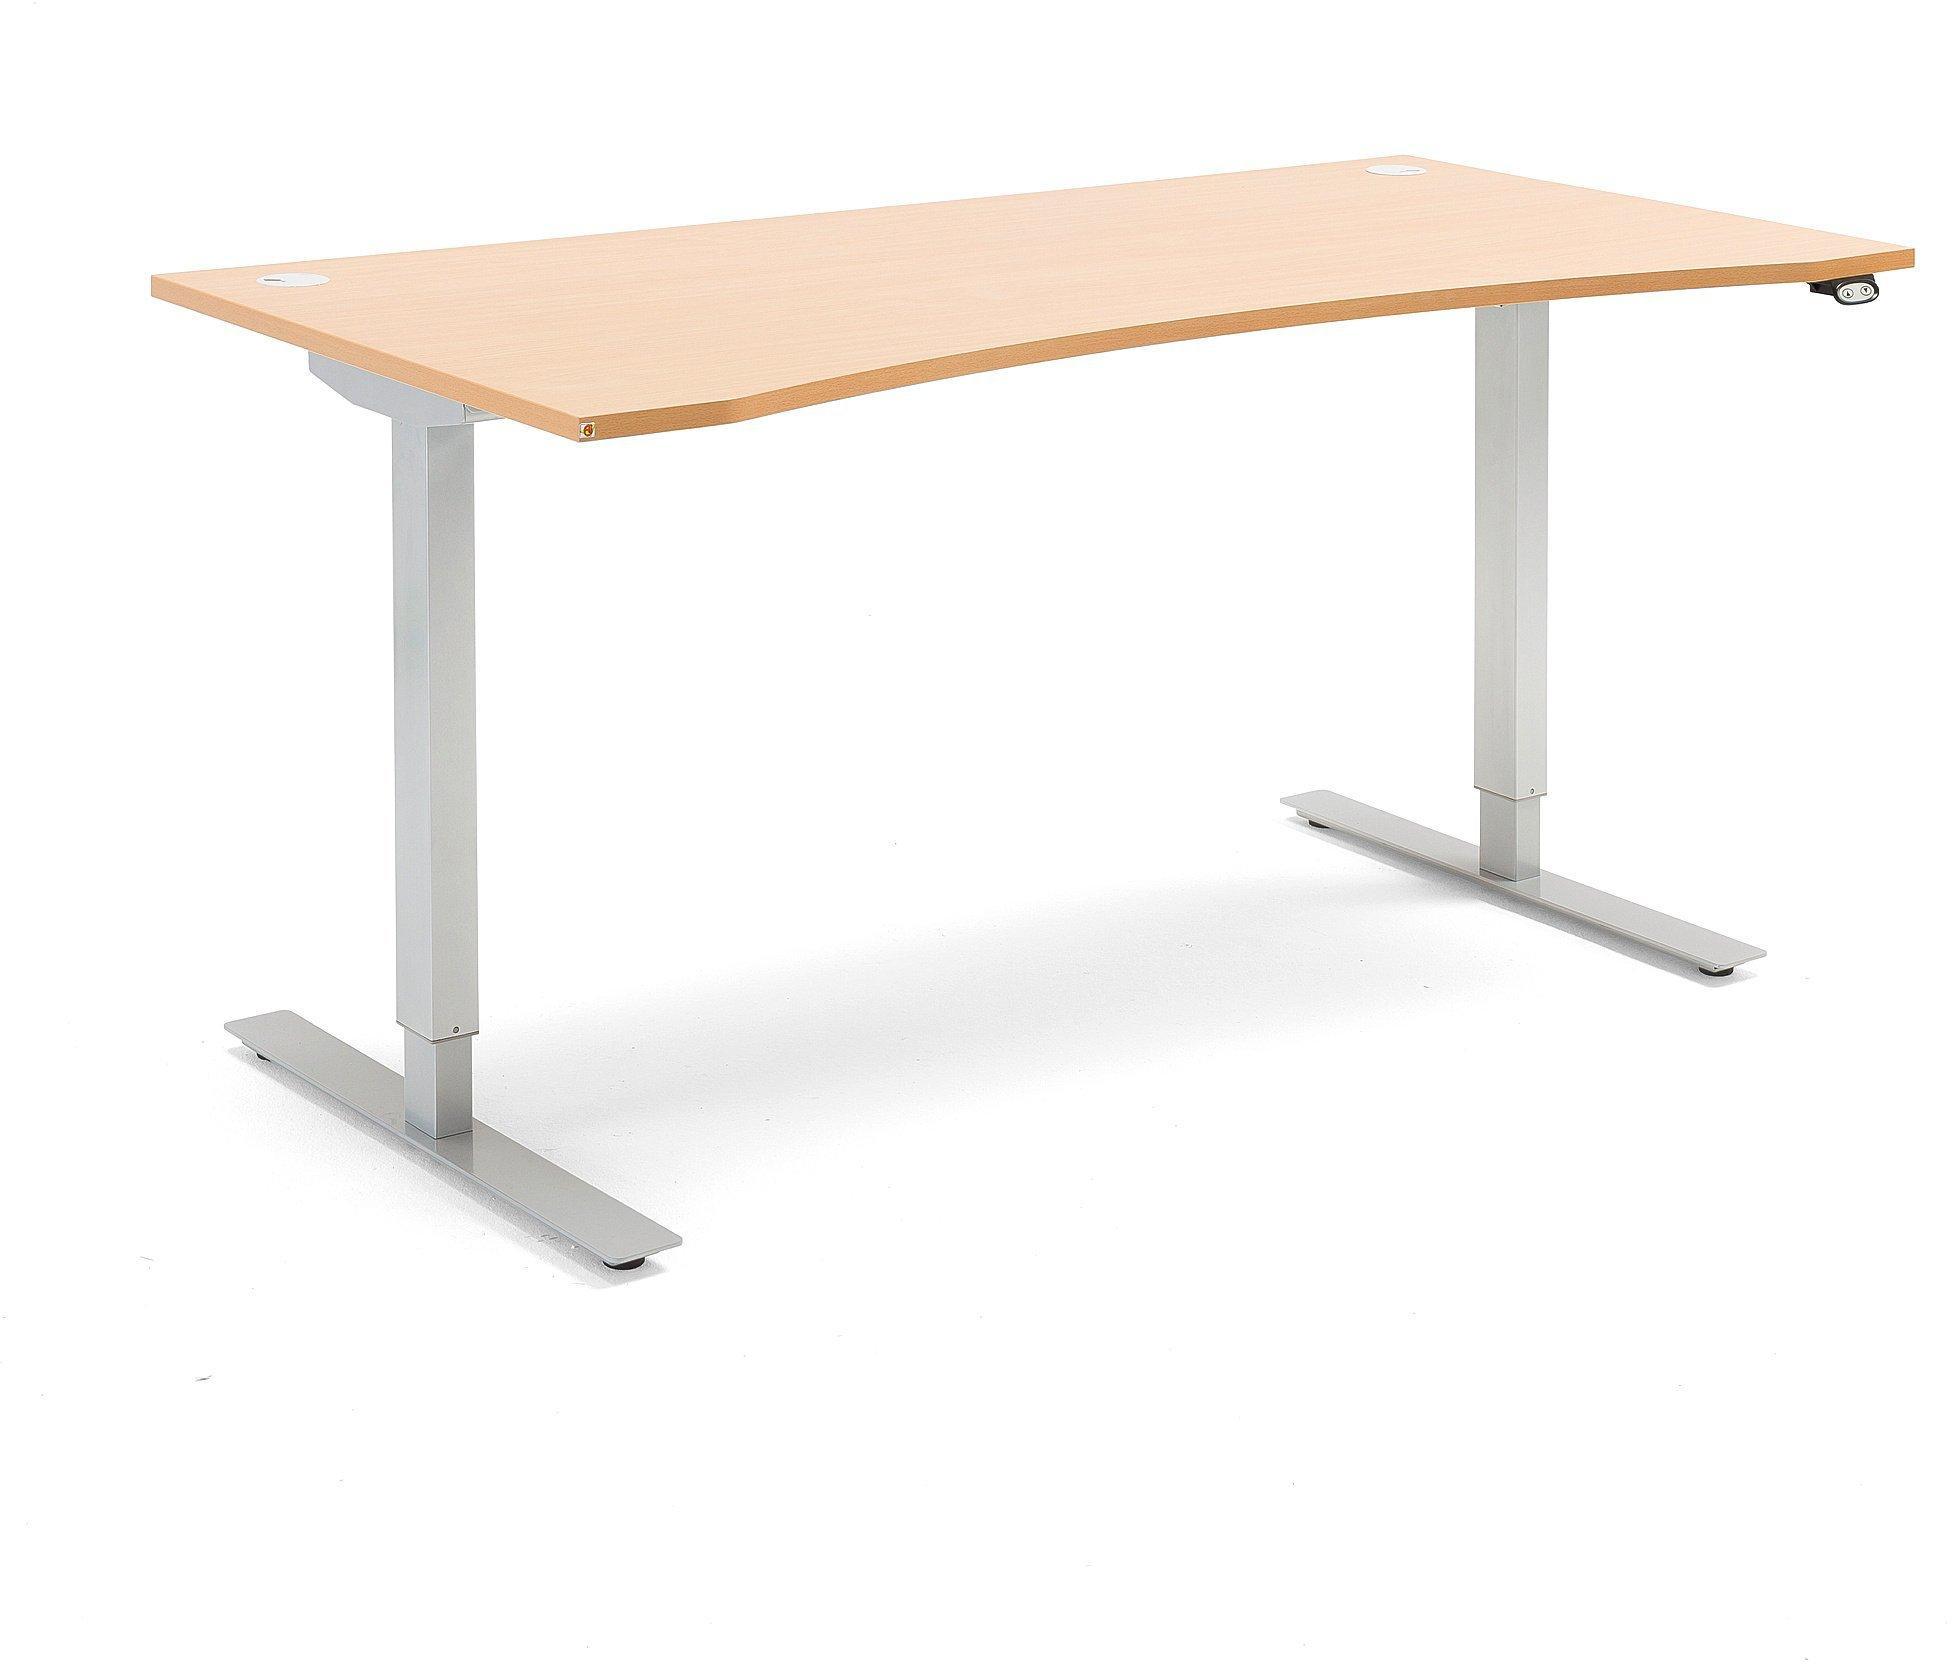 Výškovo nastaviteľný stôl Flexus, s vykrojením, 1600x800 mm, buk